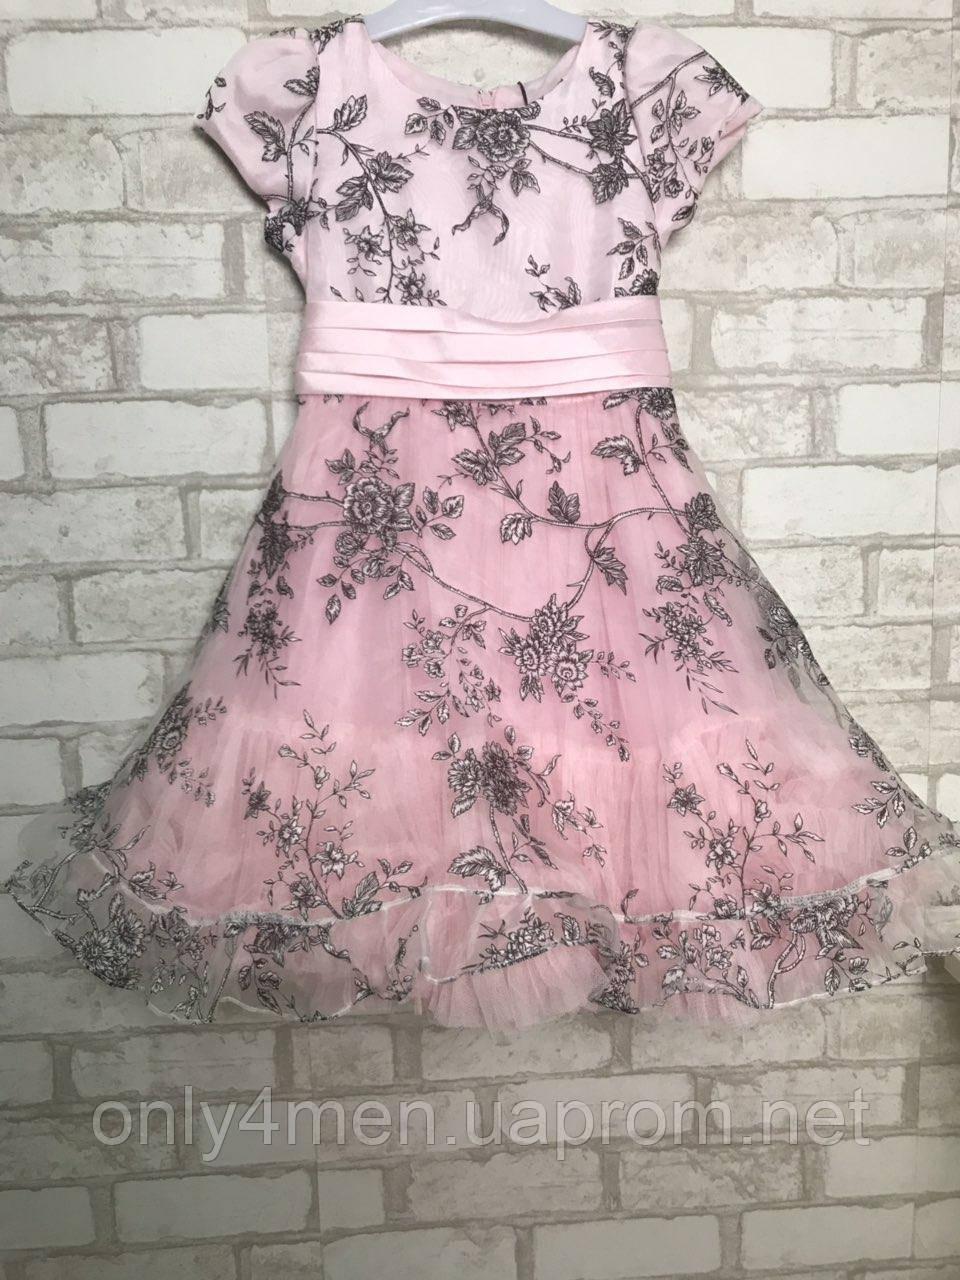 Красивое платье для девочек на 6 лет